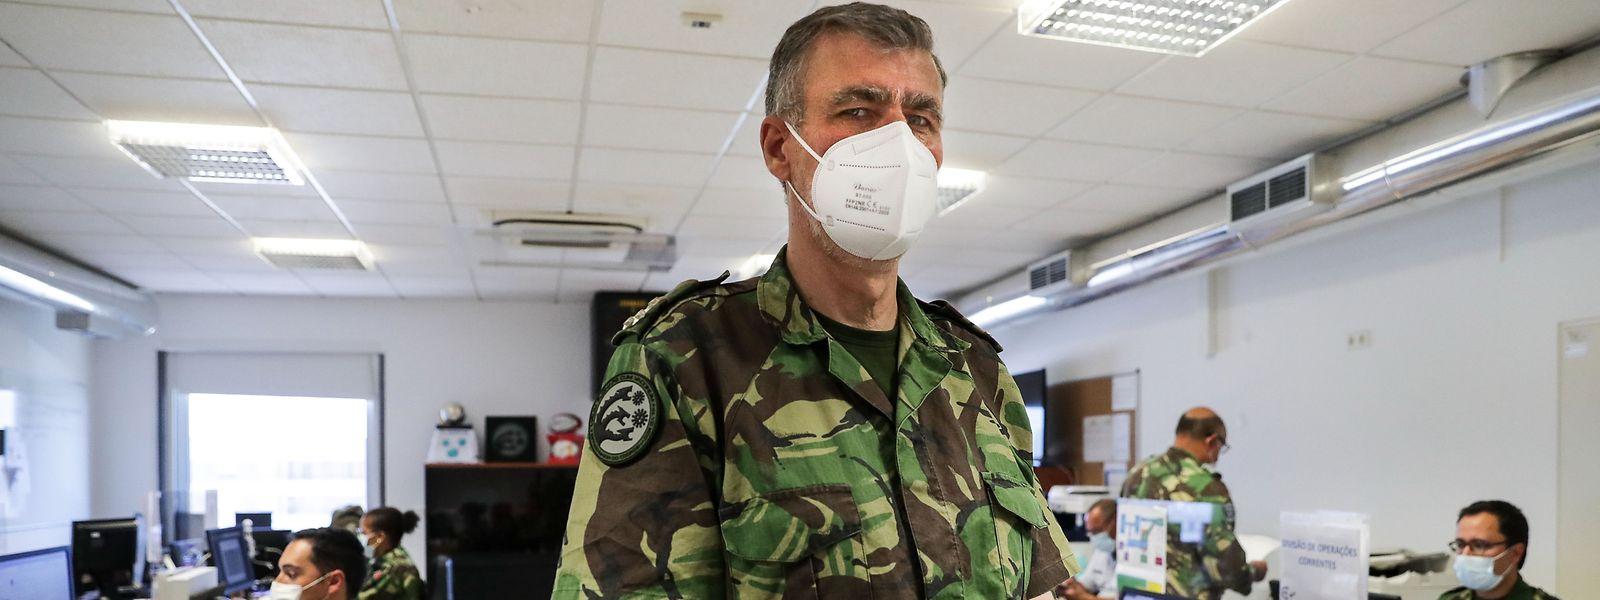 O vice-almirante Gouveia e Melo - que liderou a task force da vacinação em Portugal - está no centro de uma das polémicas recentes da política portuguesa.